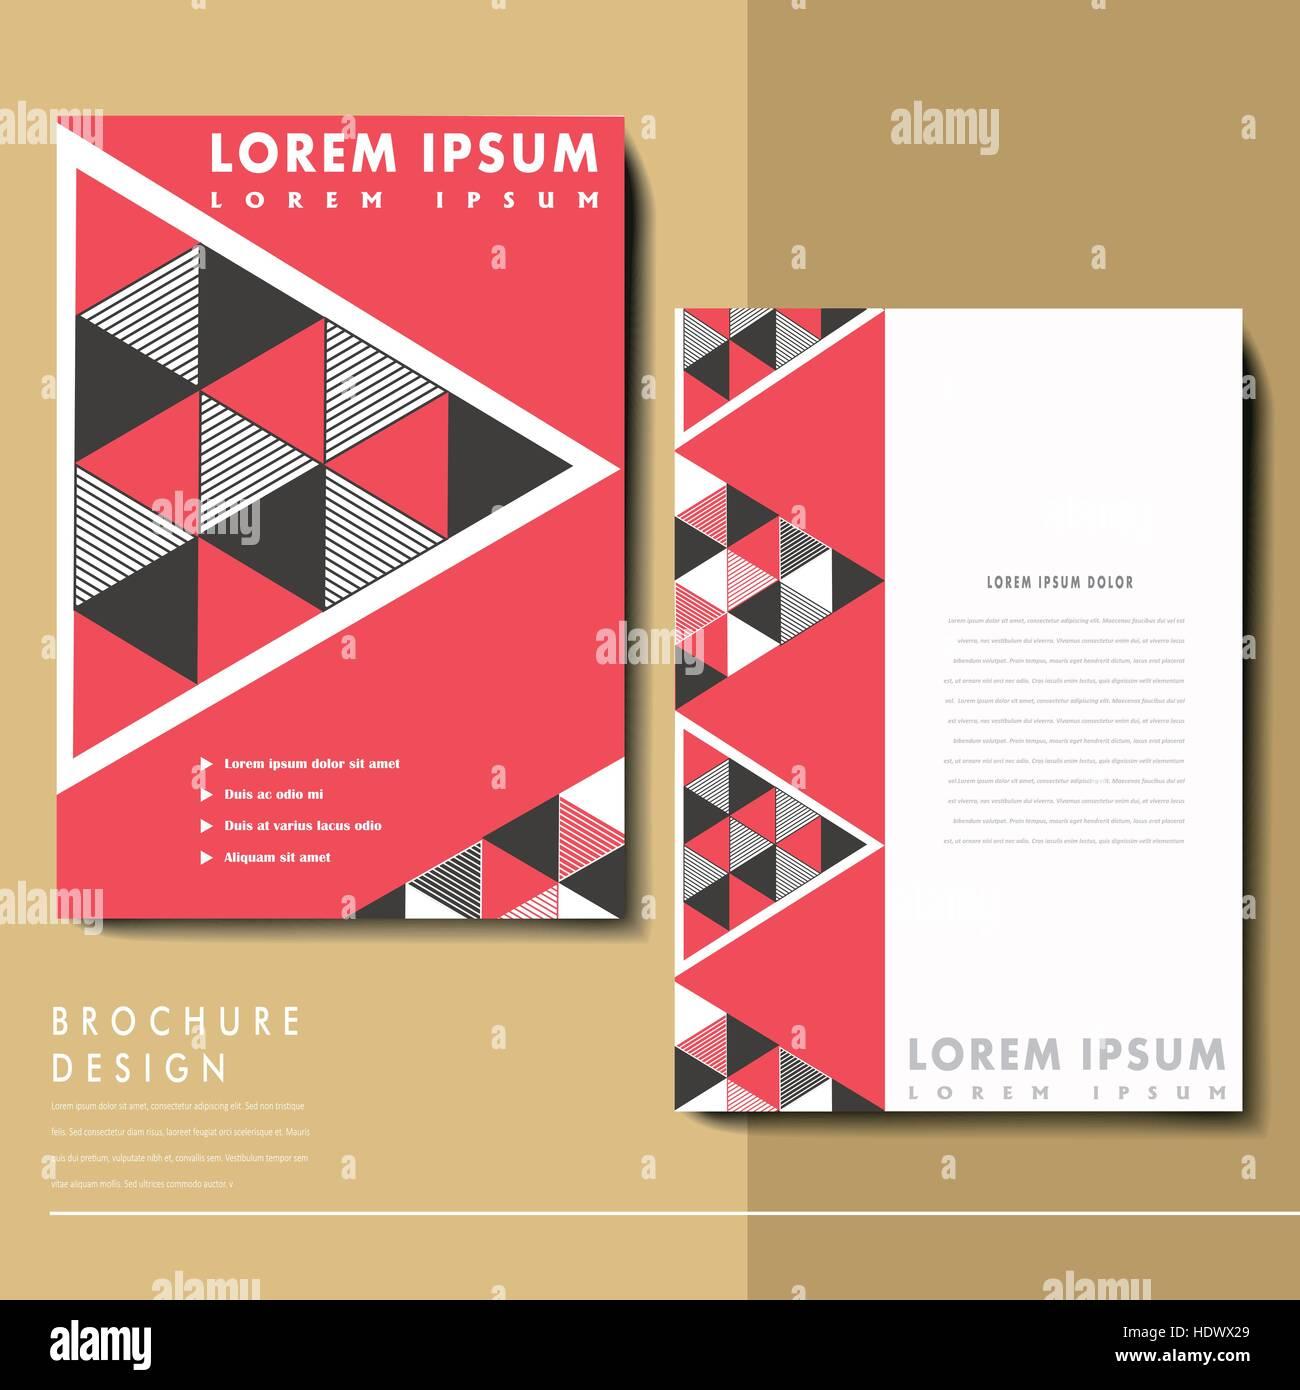 Berühmt Usc Lebenslauf Broschüre Ideen - Beispielzusammenfassung ...